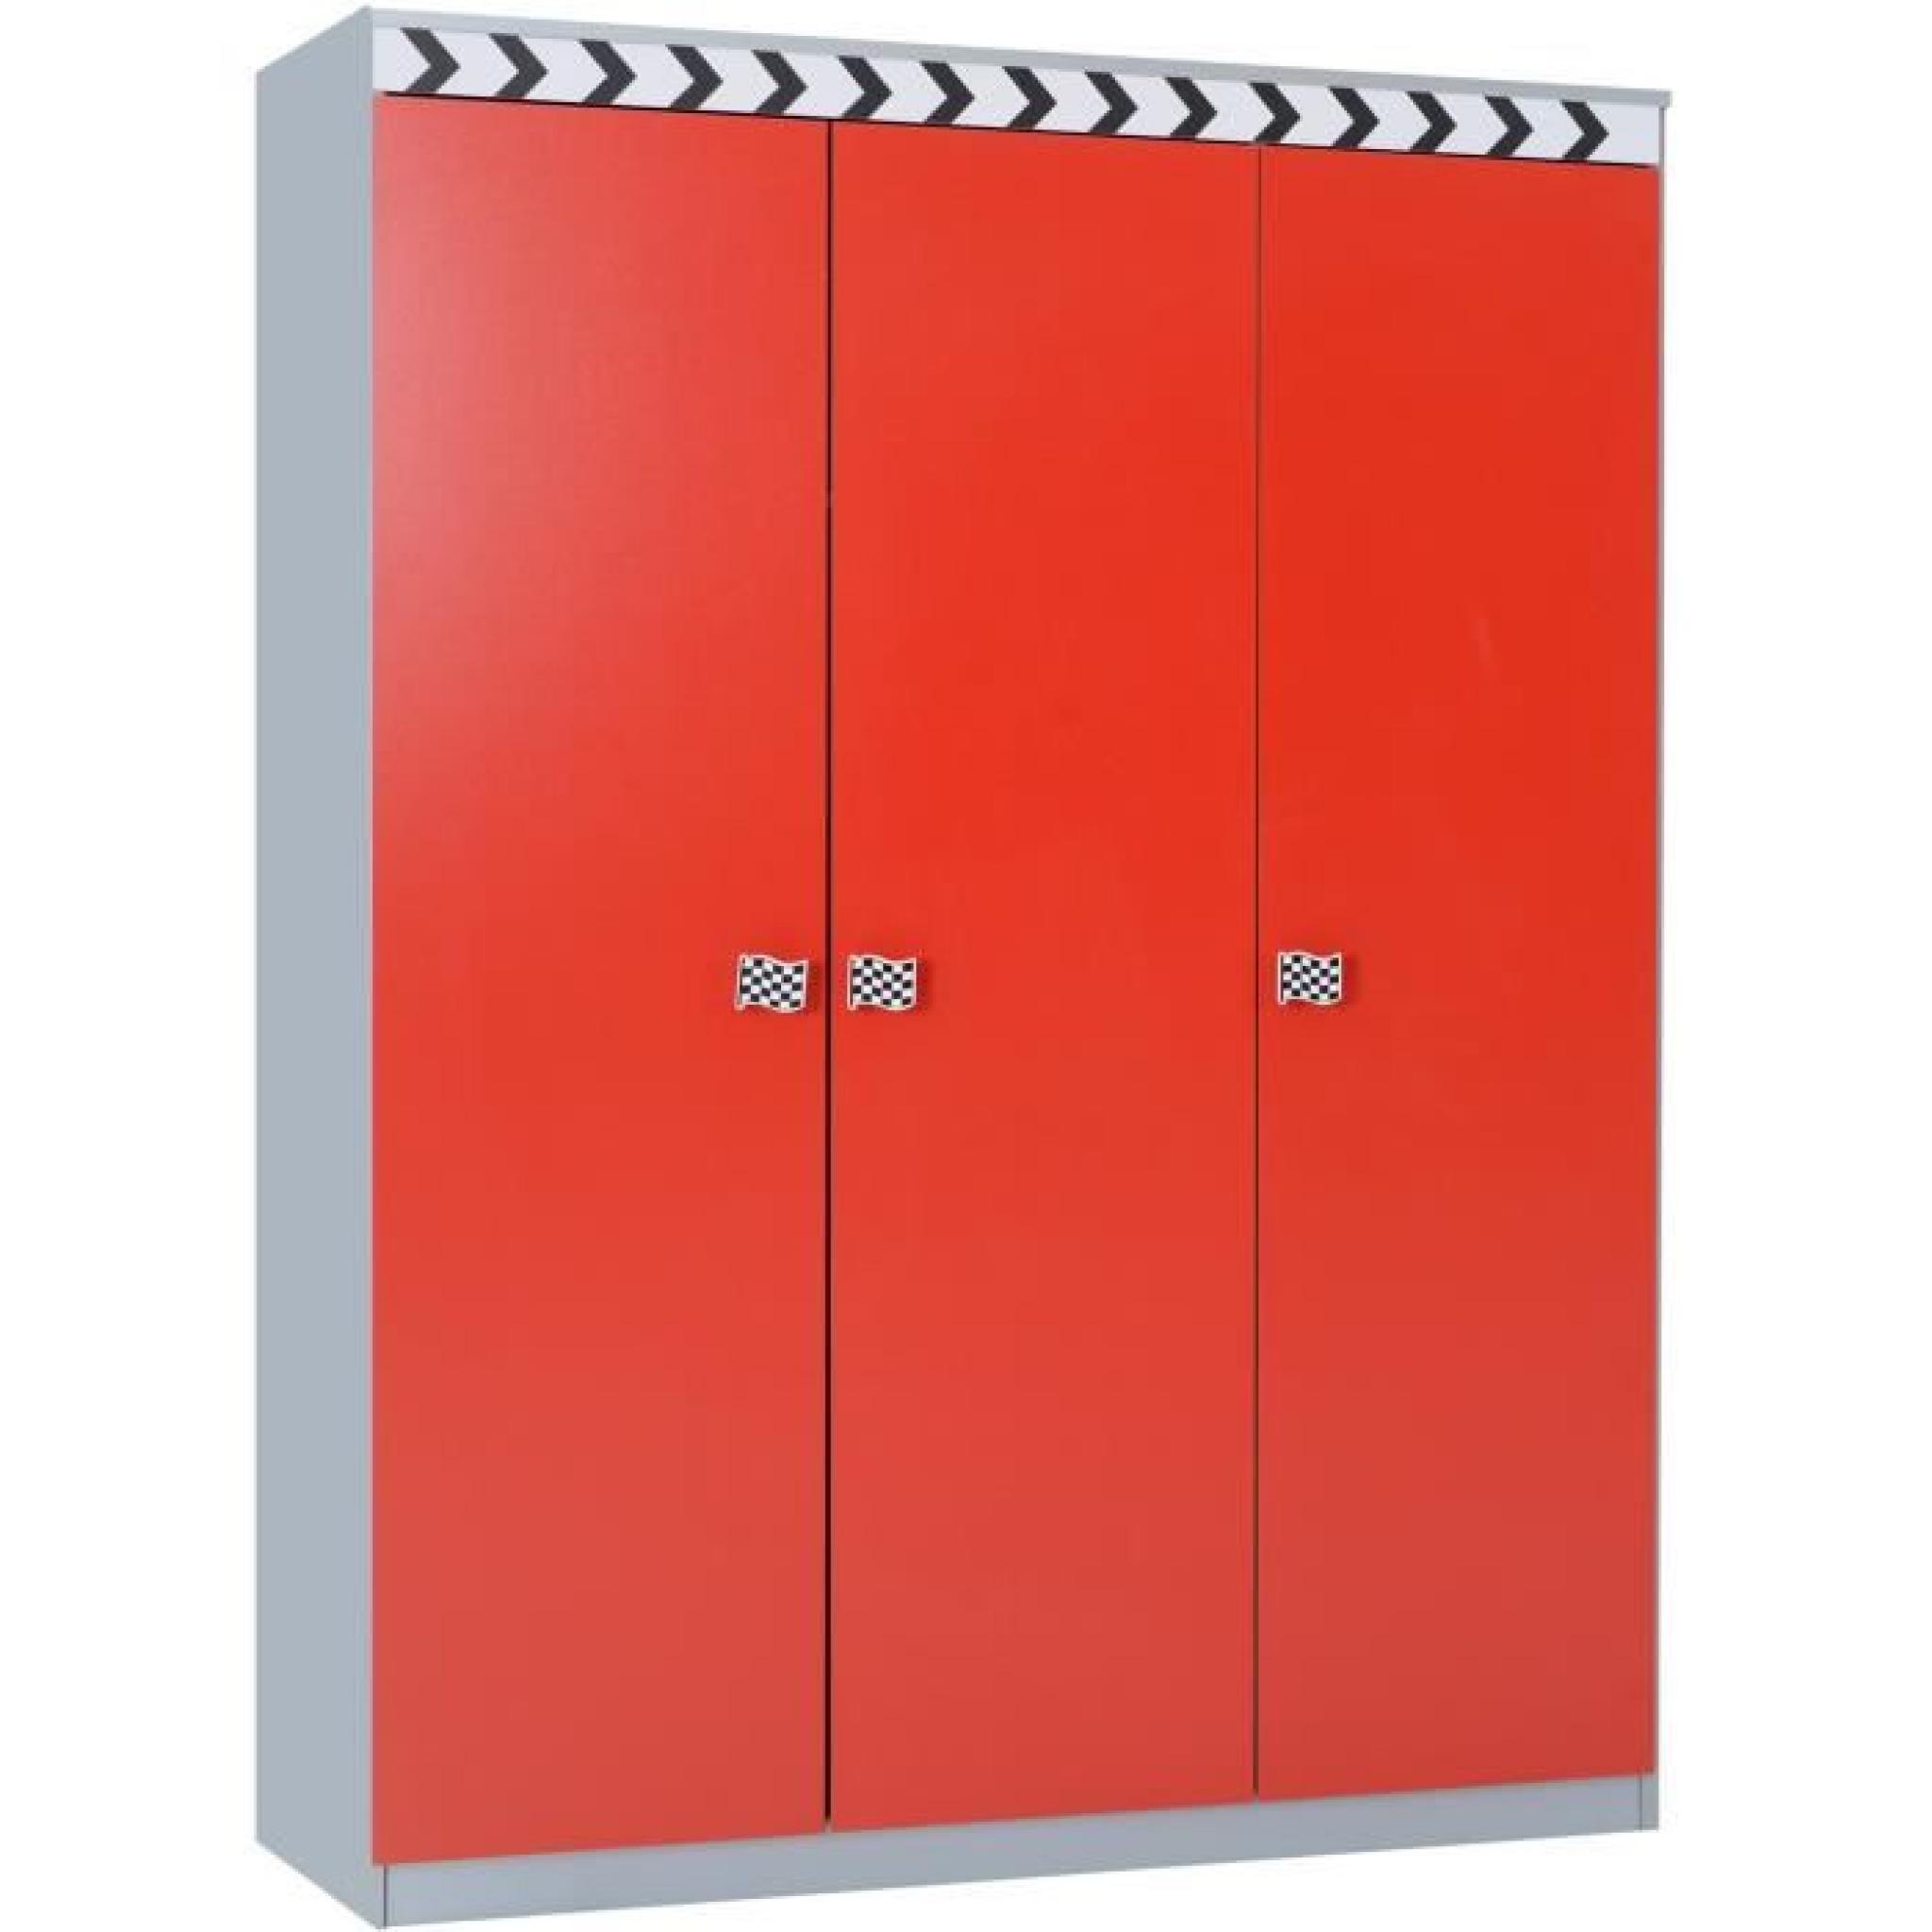 armoire enfant 3 portes f1 coloris rouge achat vente armoire de chambre pas cher couleur et. Black Bedroom Furniture Sets. Home Design Ideas